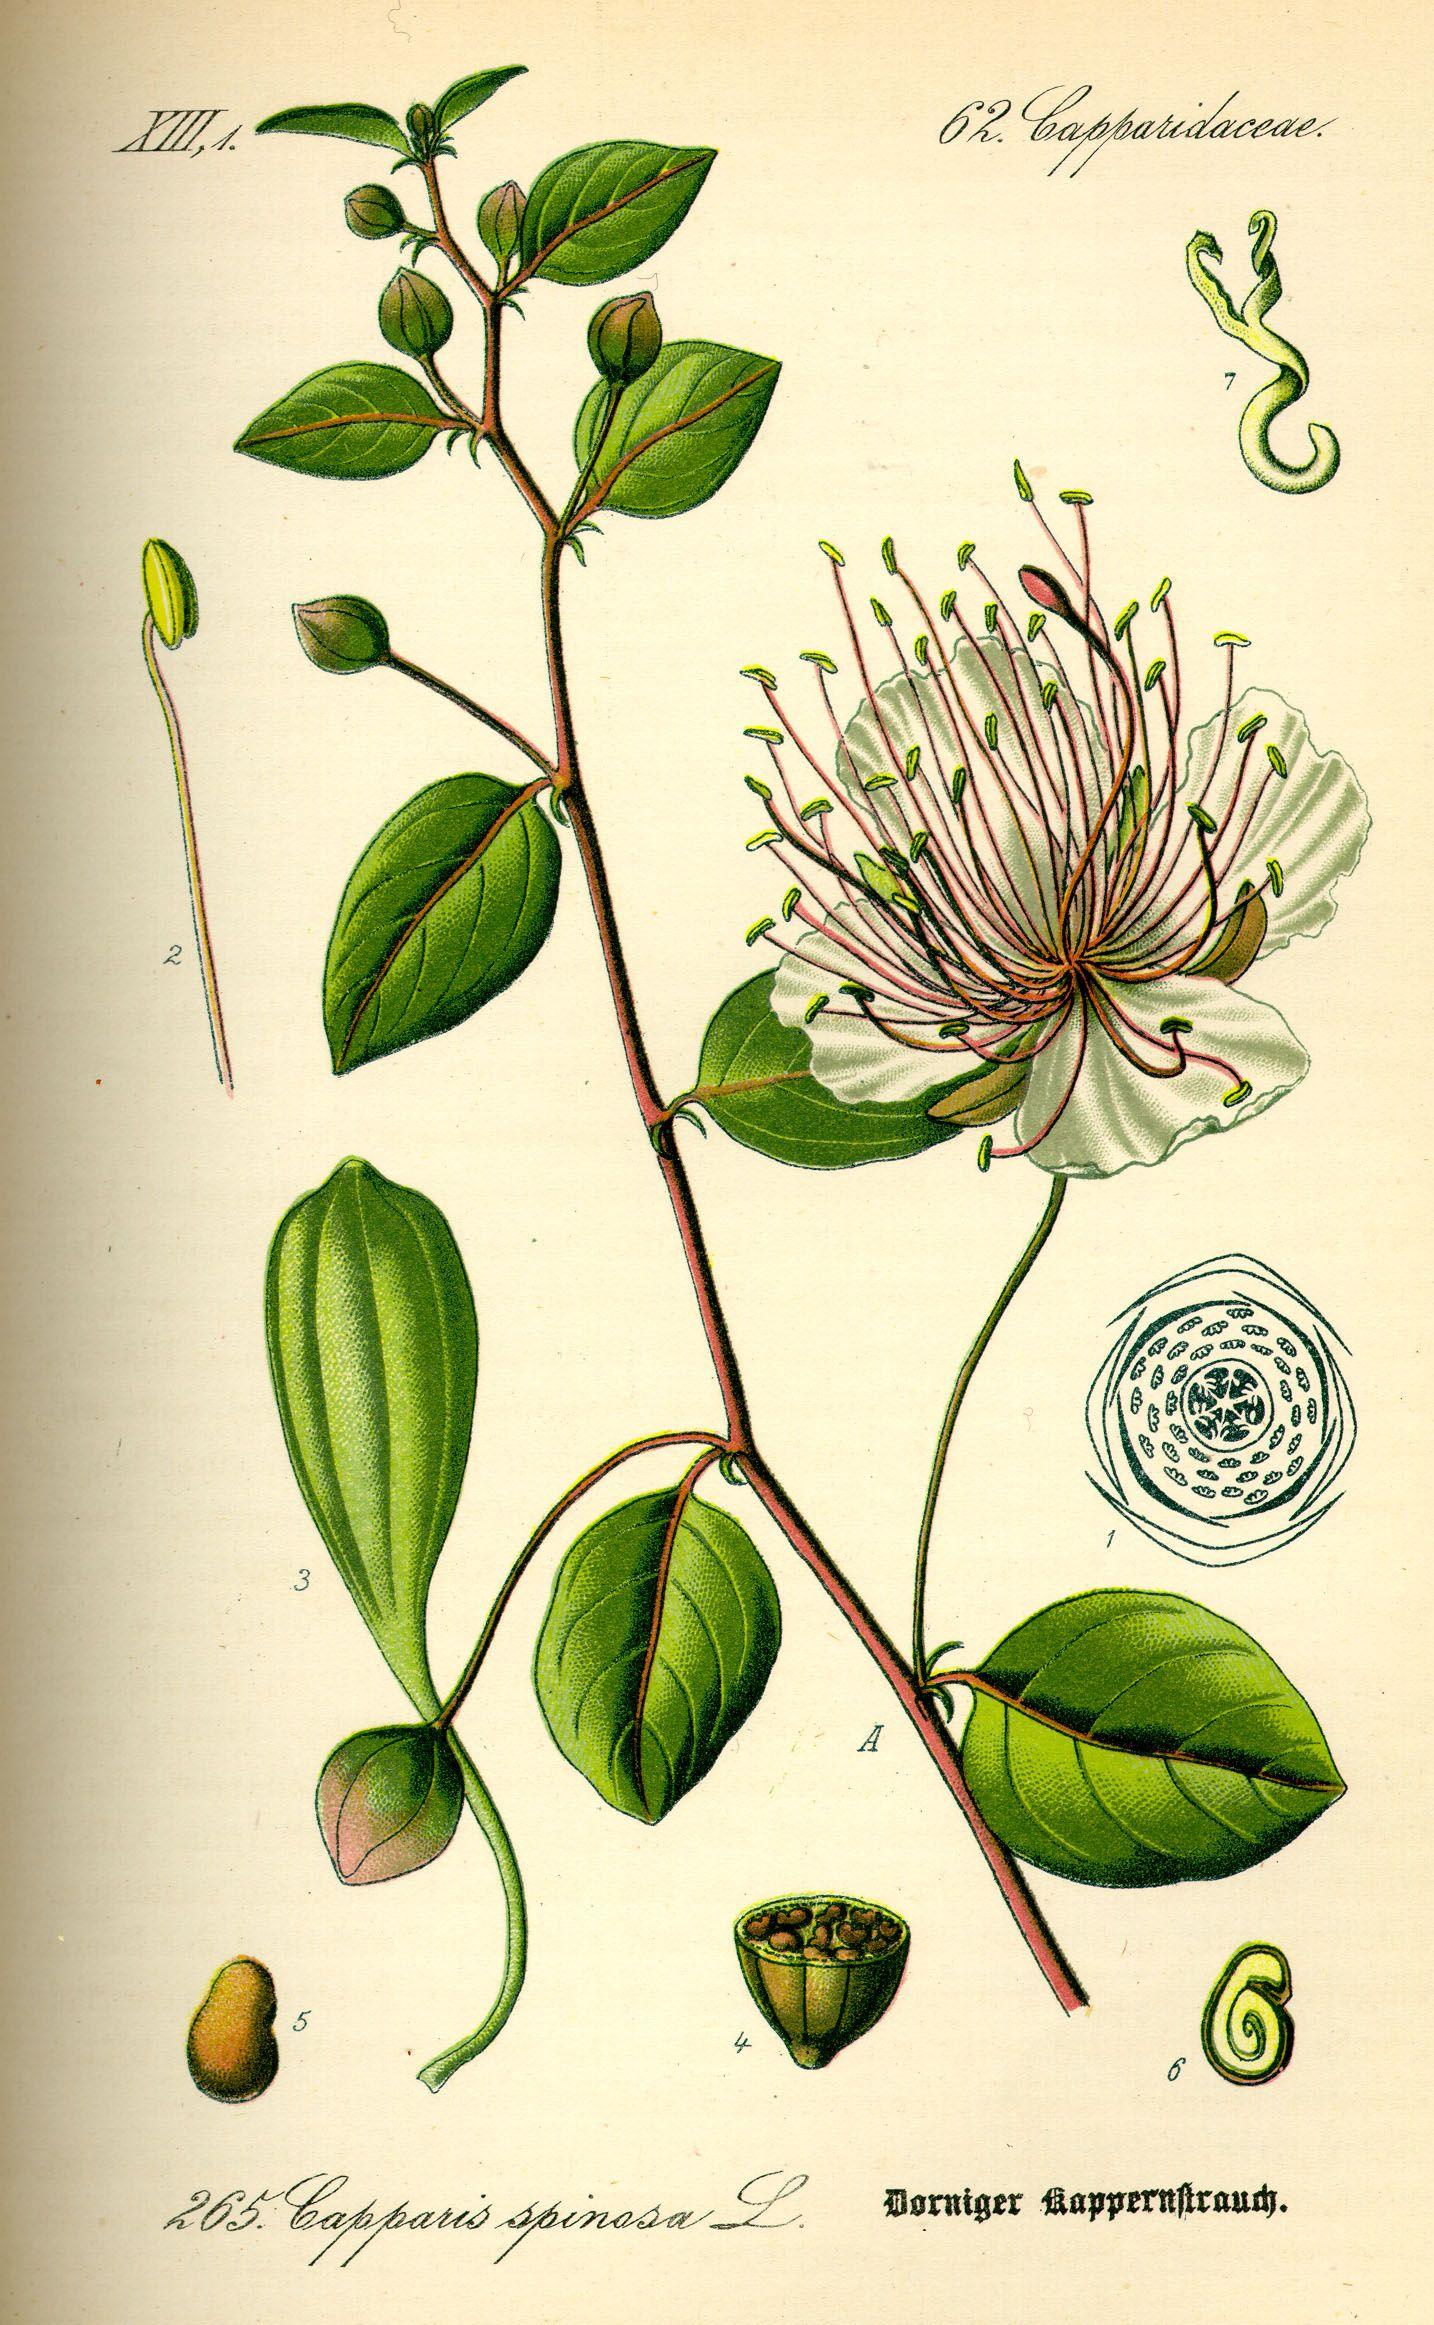 Buy essay online cheap wiki botany bay